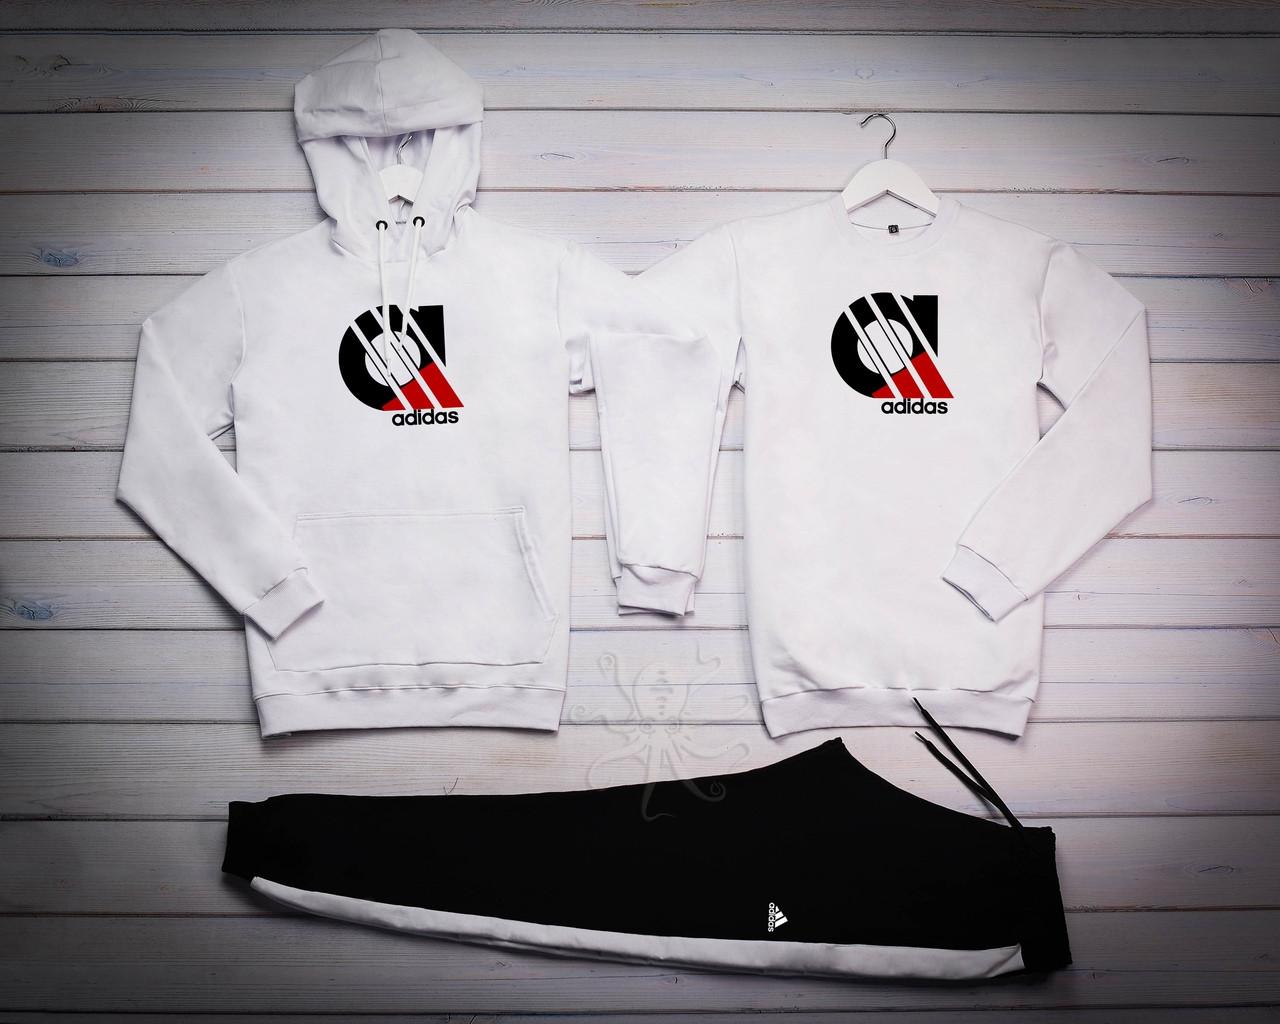 Adidas Мужской белый спортивный костюм с капюшоном демисезонный.Худи+Свитшот белый+штаны черные комплект